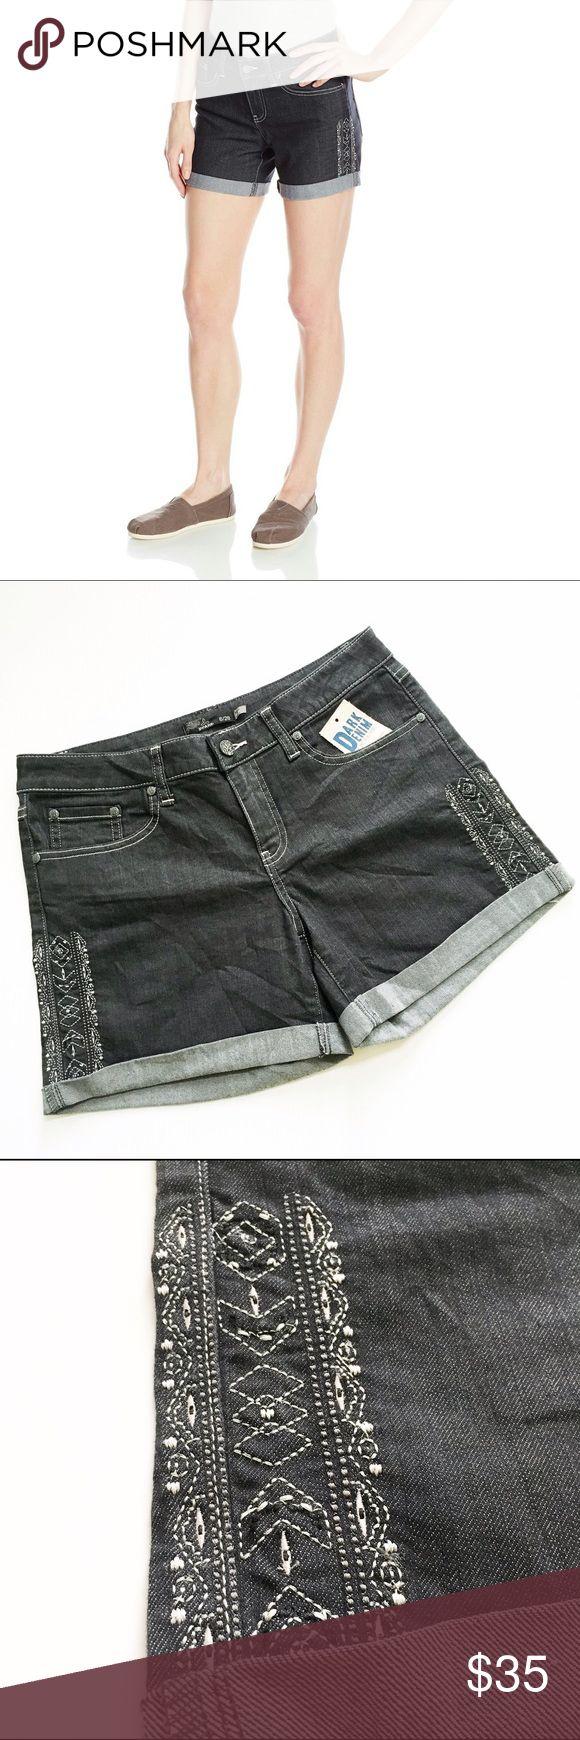 Prana Kara Denim Aztec Shorts These are NWT Prana Kara Denim Aztec Shorts. In excellent conditon; New with tags. Prana Shorts